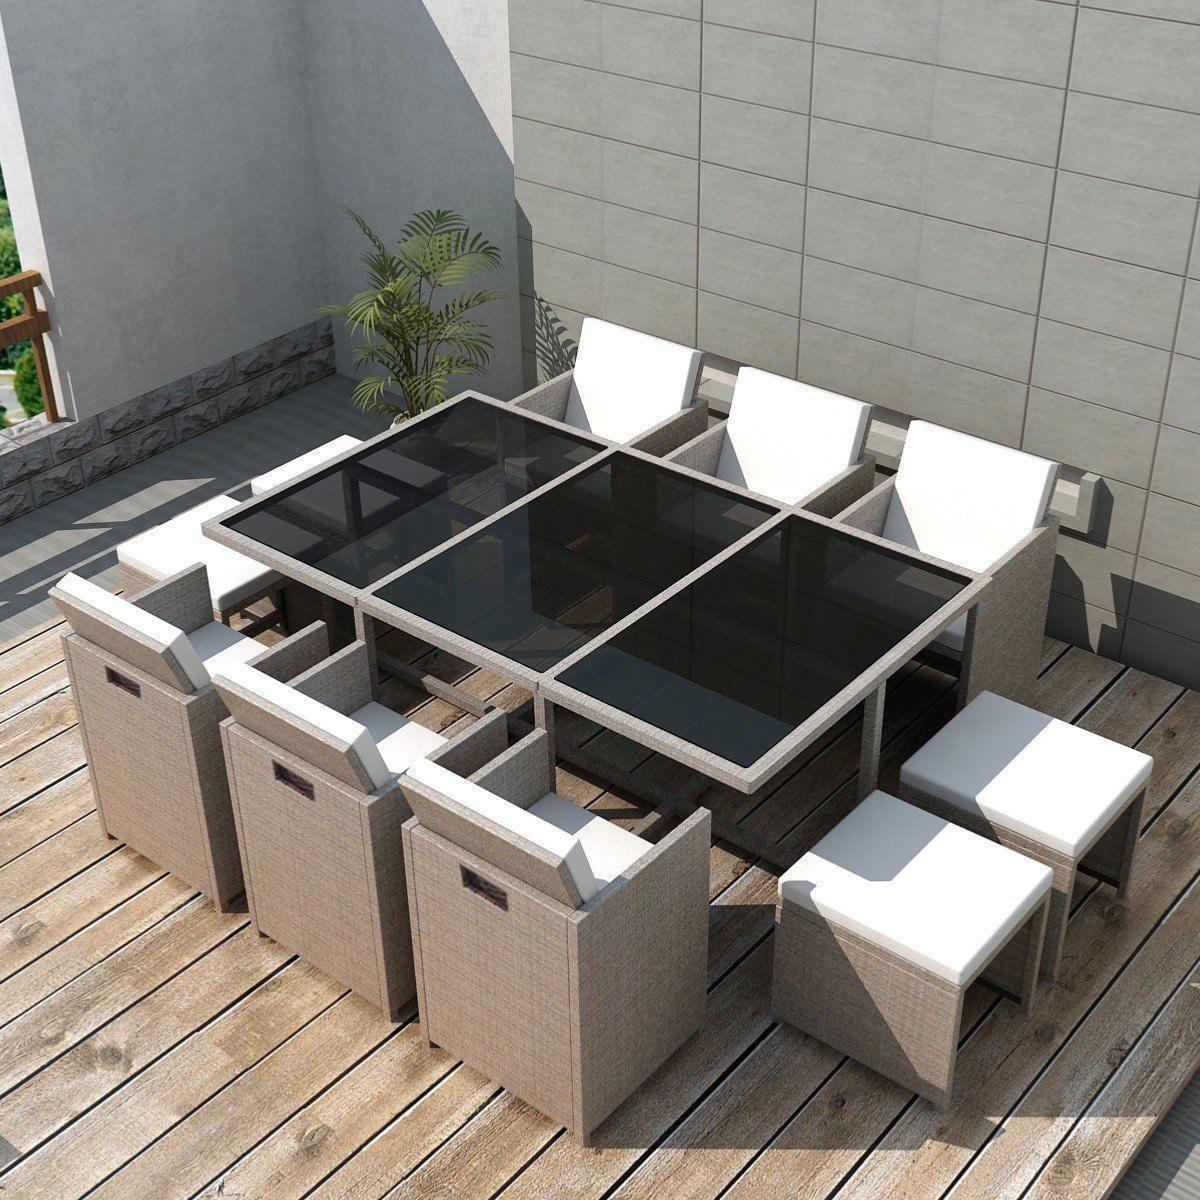 salon de jardin r sine tress e gris beige 10 personnes. Black Bedroom Furniture Sets. Home Design Ideas